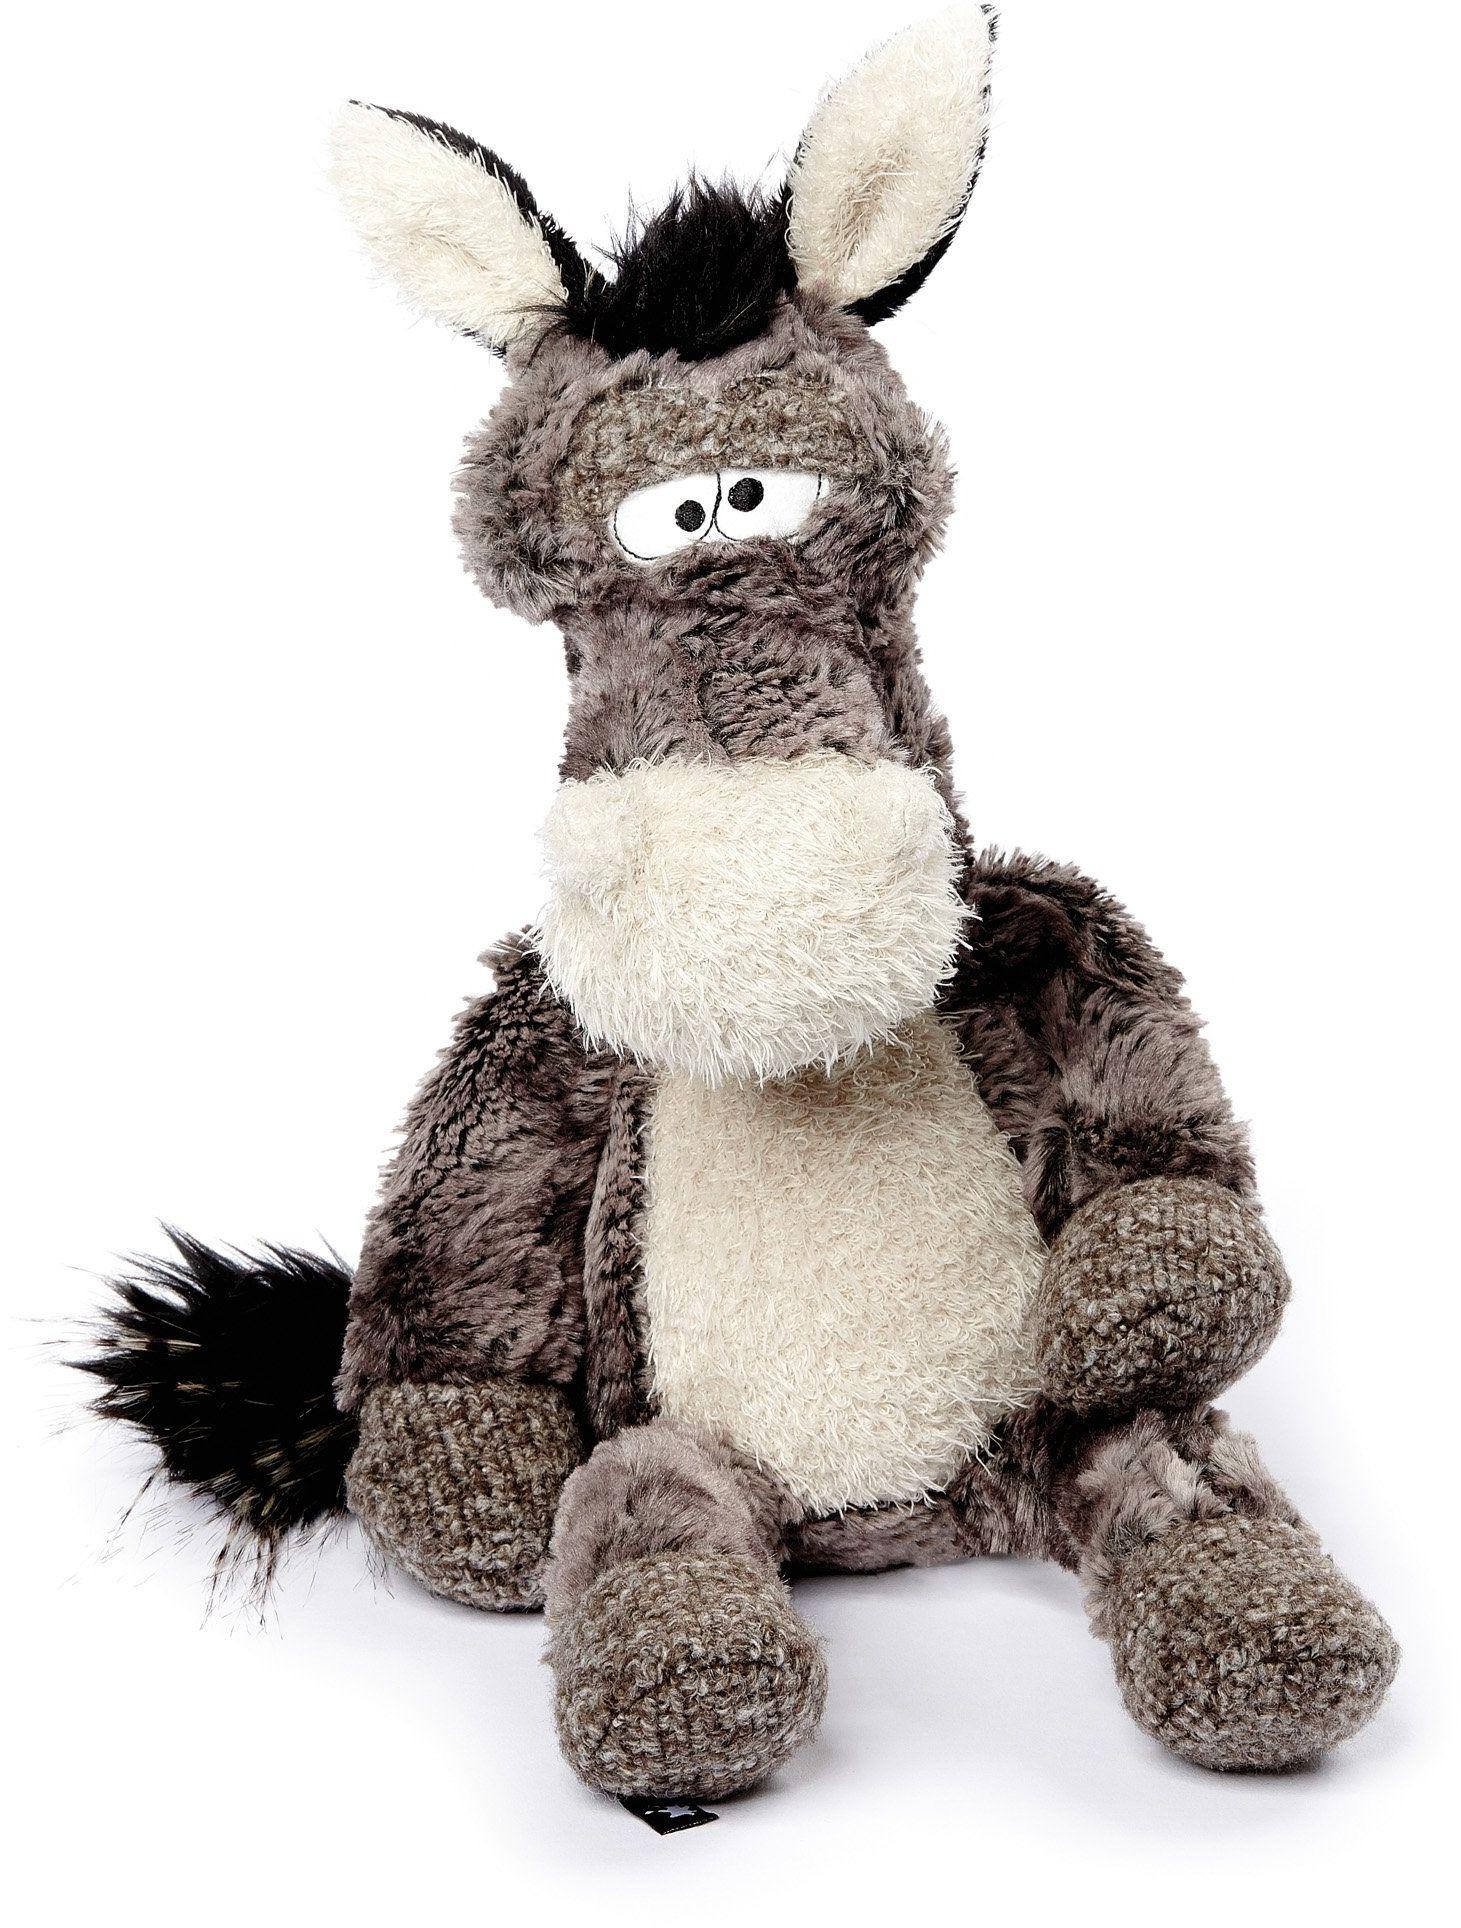 sigikid BEASTS 38482  przytulanka dla dorosłych i dzieci, Oselhengst Doodle Donkey, szara/biała